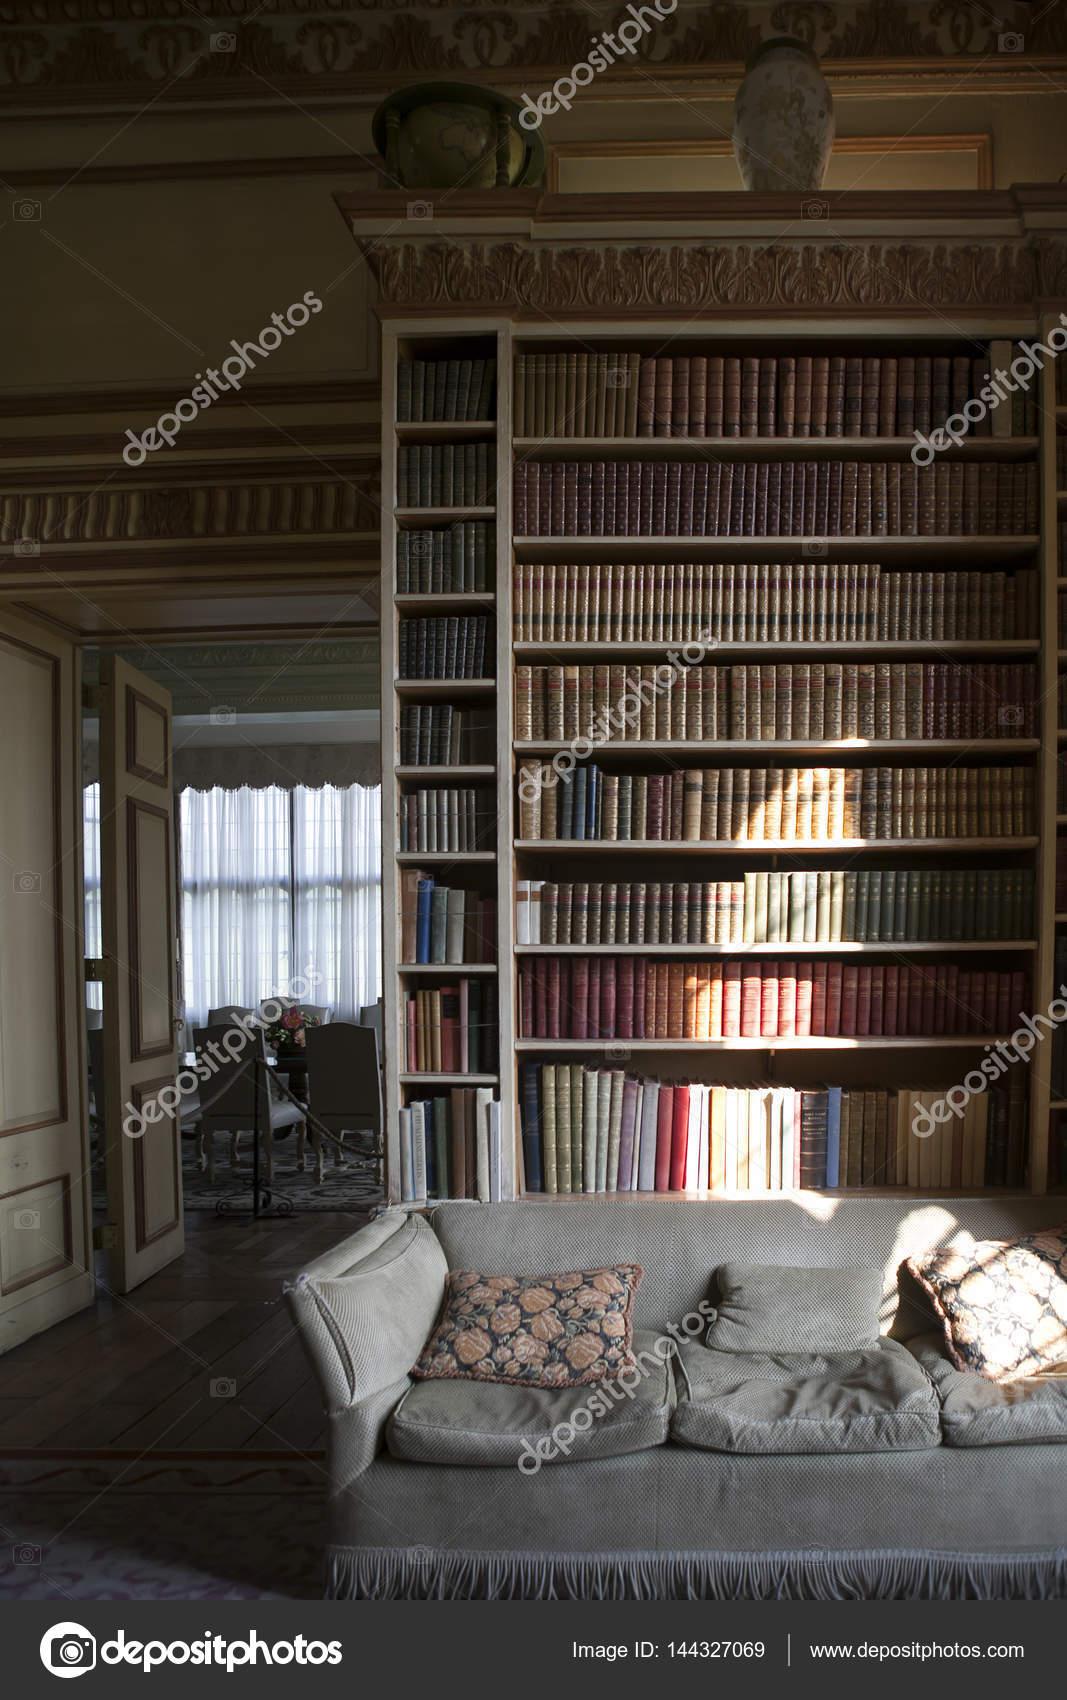 https://st3.depositphotos.com/3268323/14432/i/1600/depositphotos_144327069-stockafbeelding-typische-interieur-van-engels-kasteel.jpg